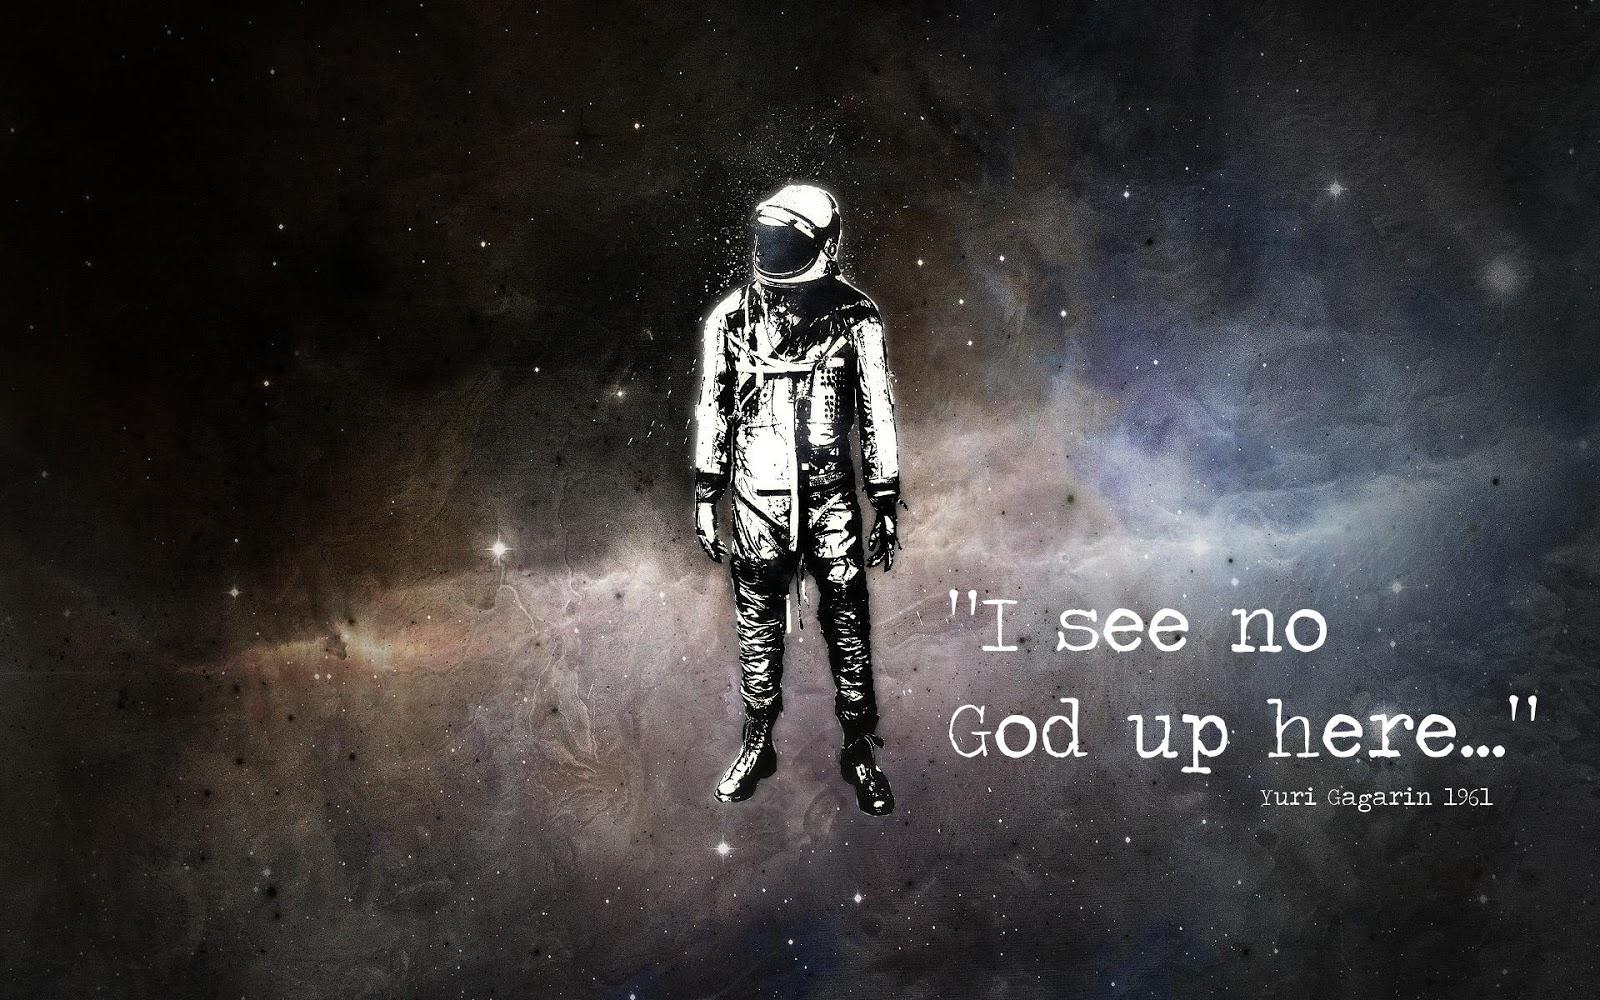 16 argumentos falsos para creer en Dios